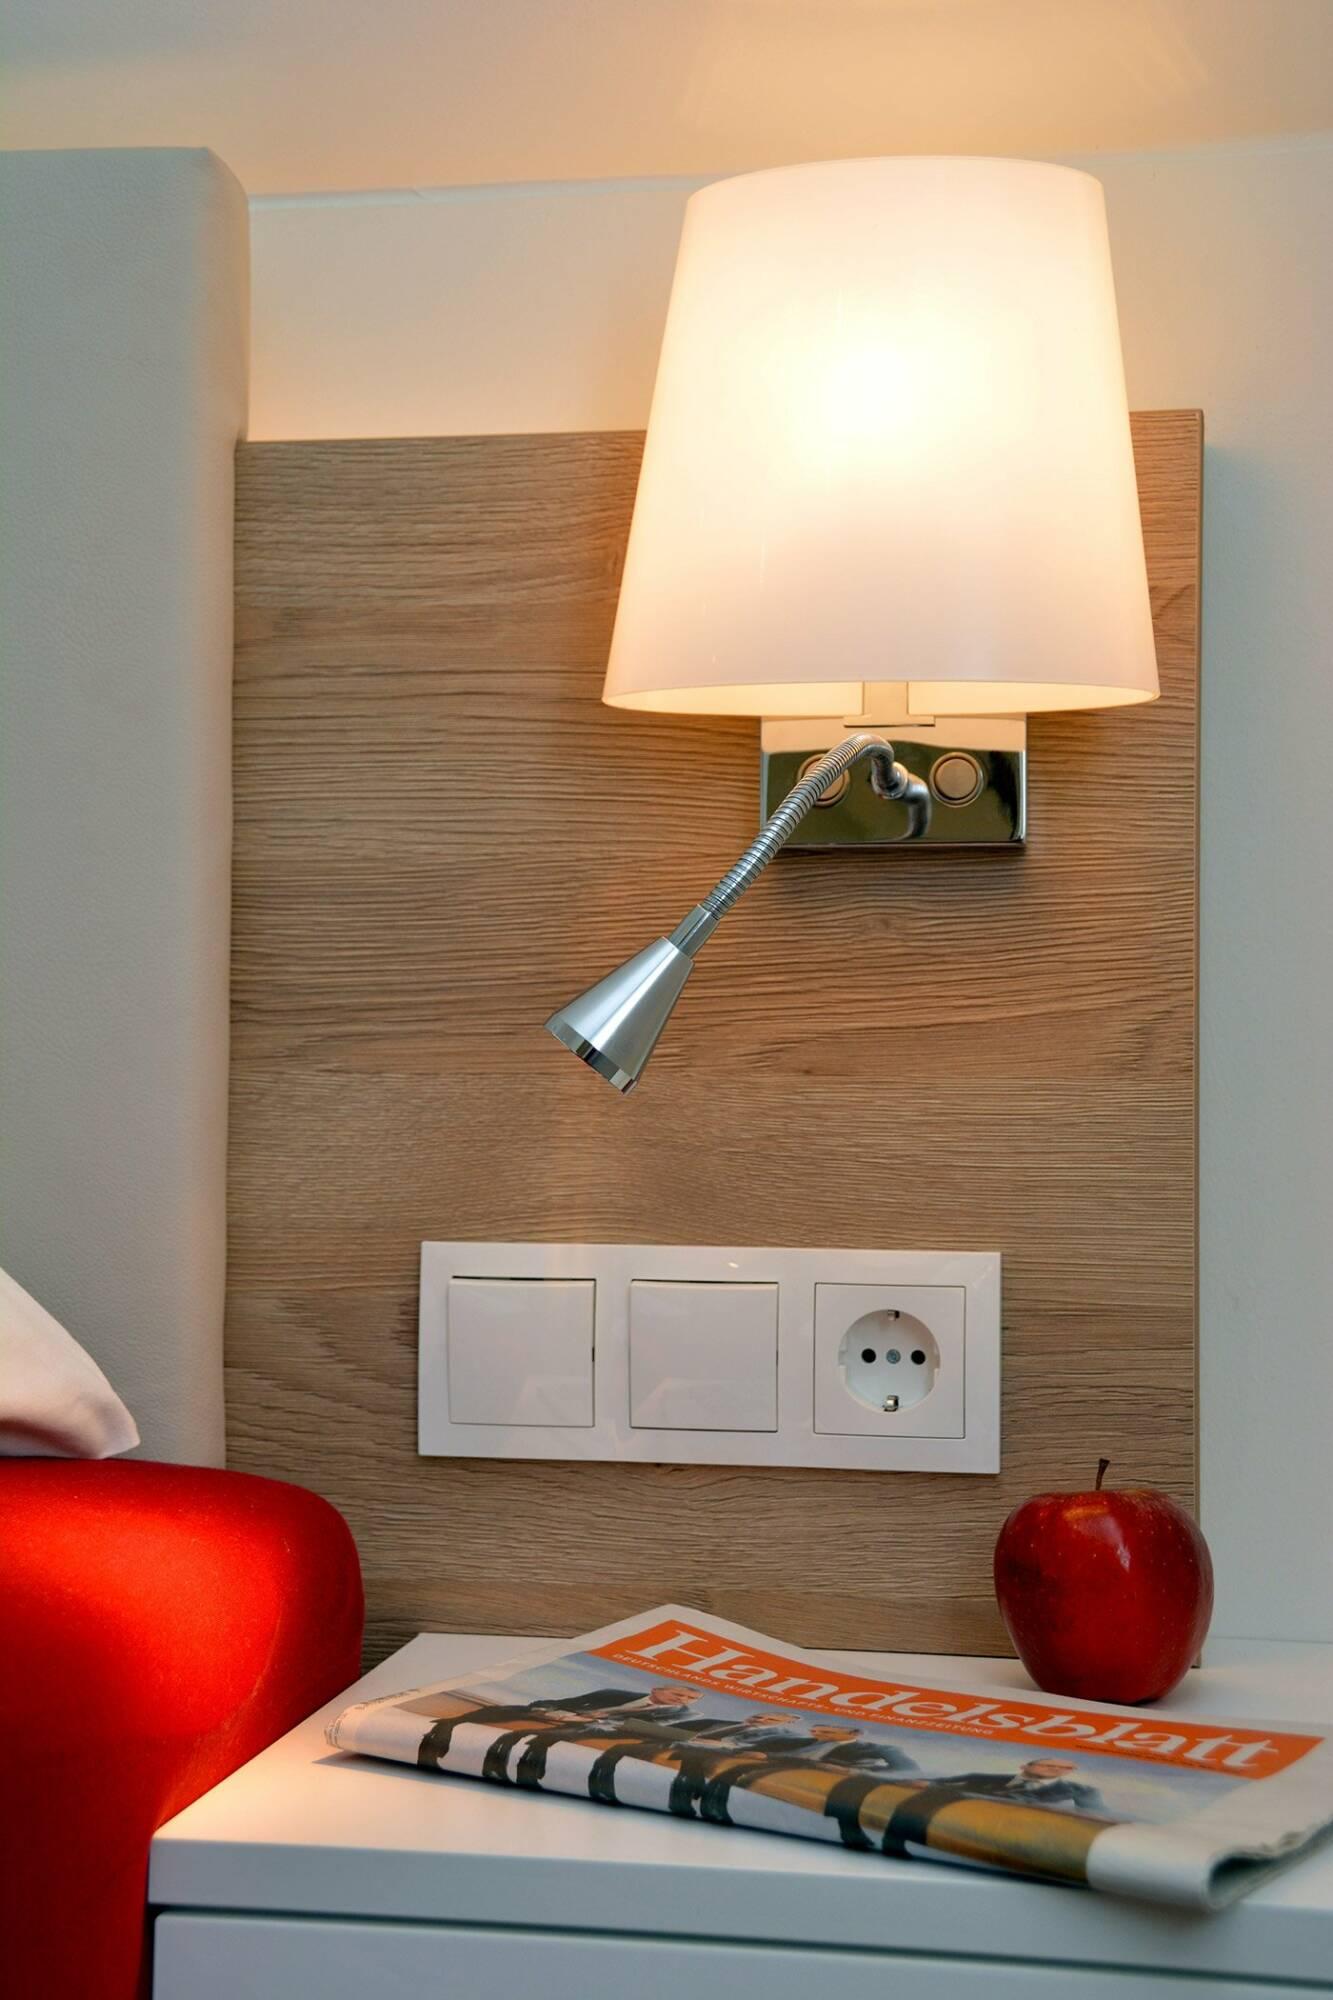 storchennest-norderney-ferienwohnung-inselblick-schlafzimmer-2 ...